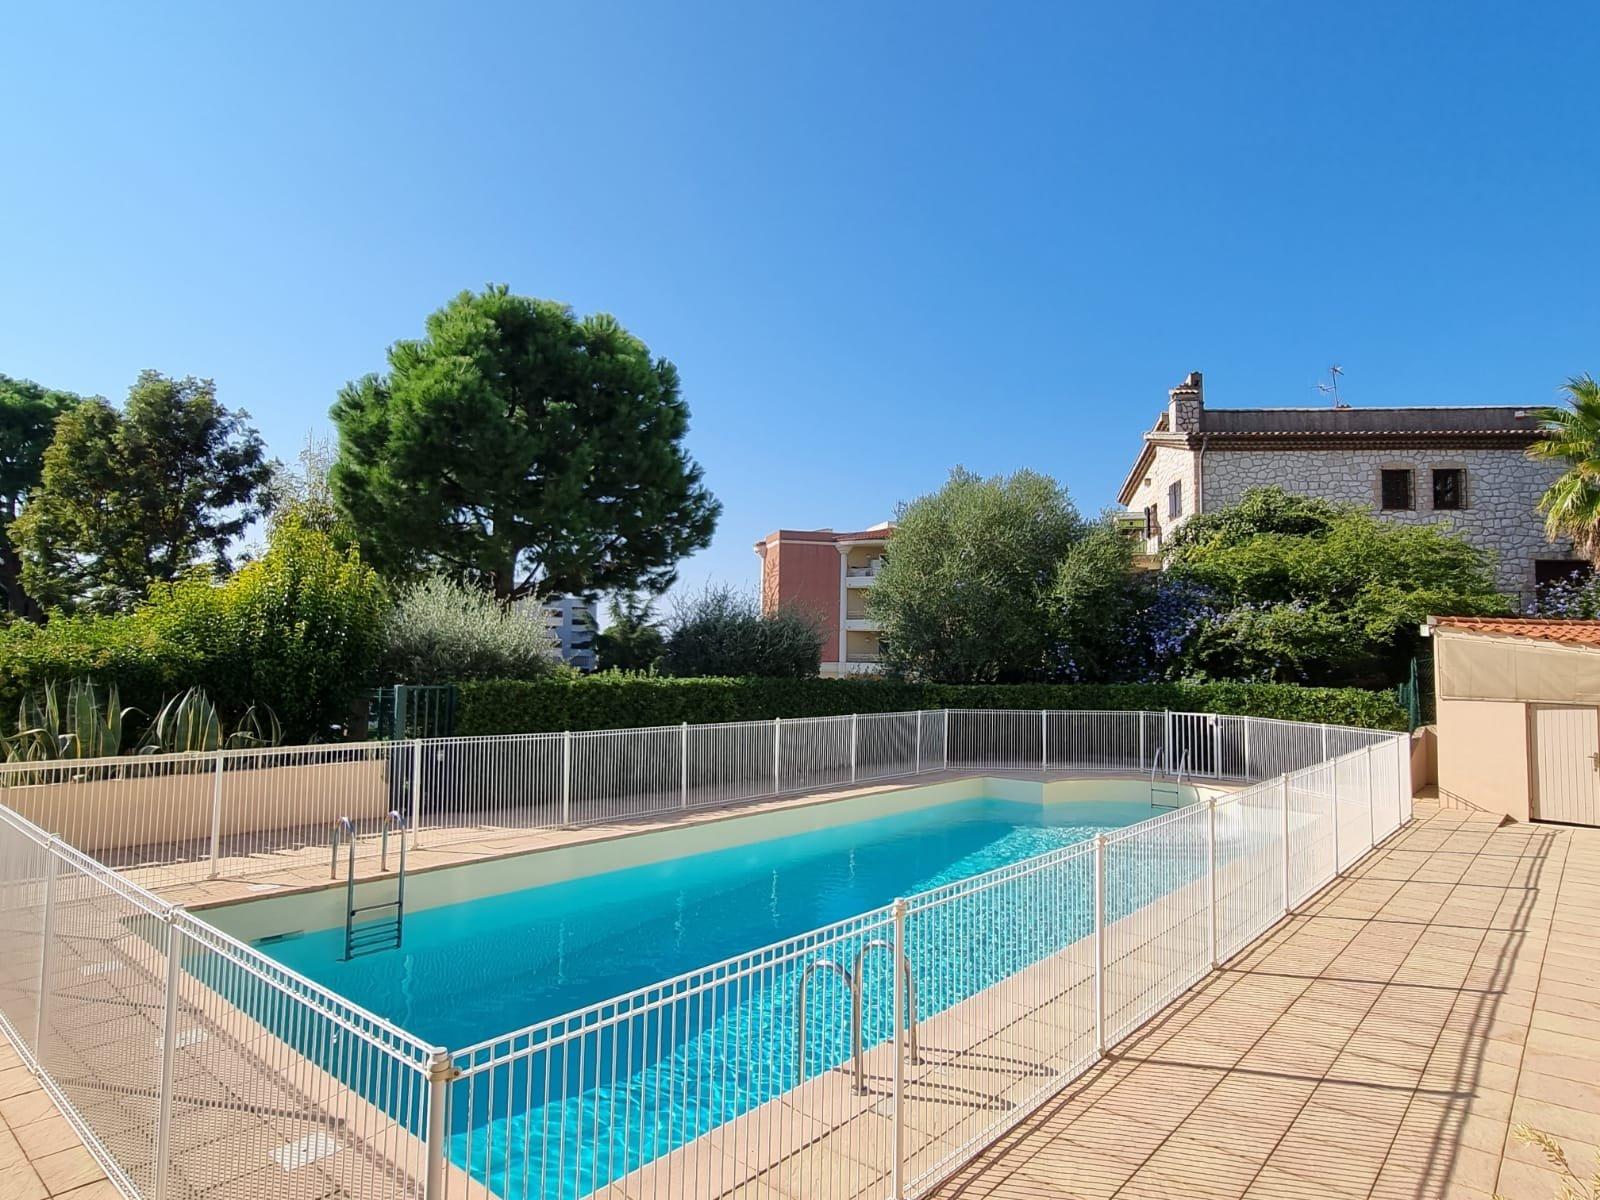 St Laurent du Var -  2-roms norskeid leilighet med terrasse i residens med pool.